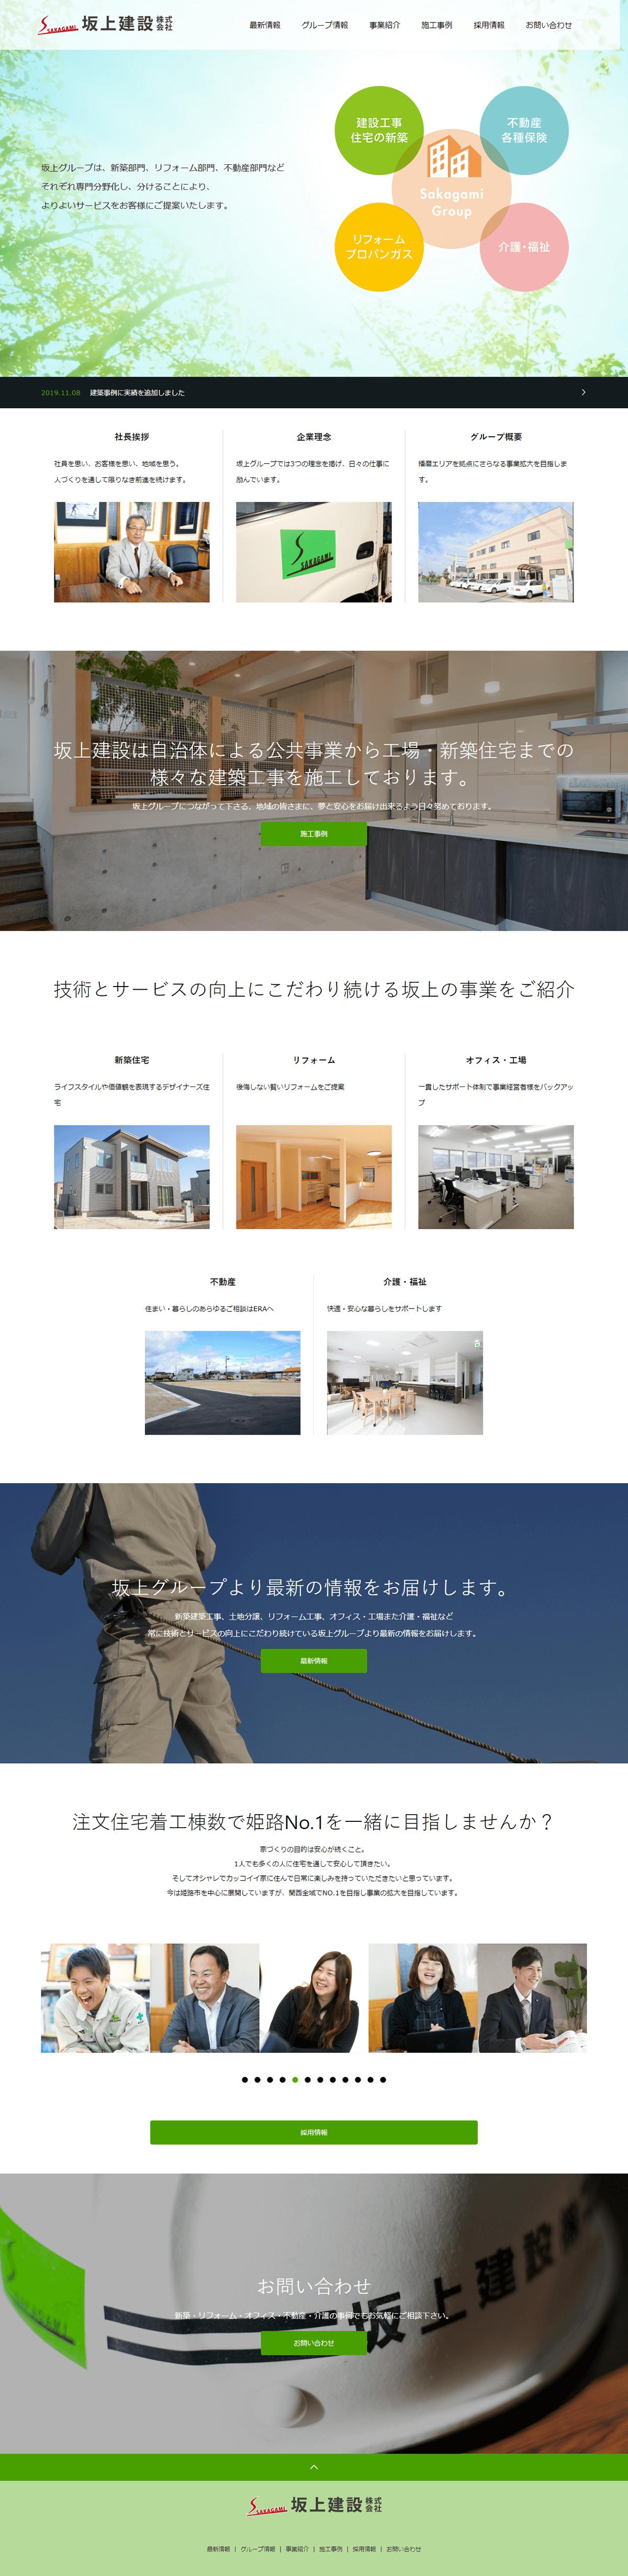 姫路市 坂上建設株式会社 ホームページ制作1